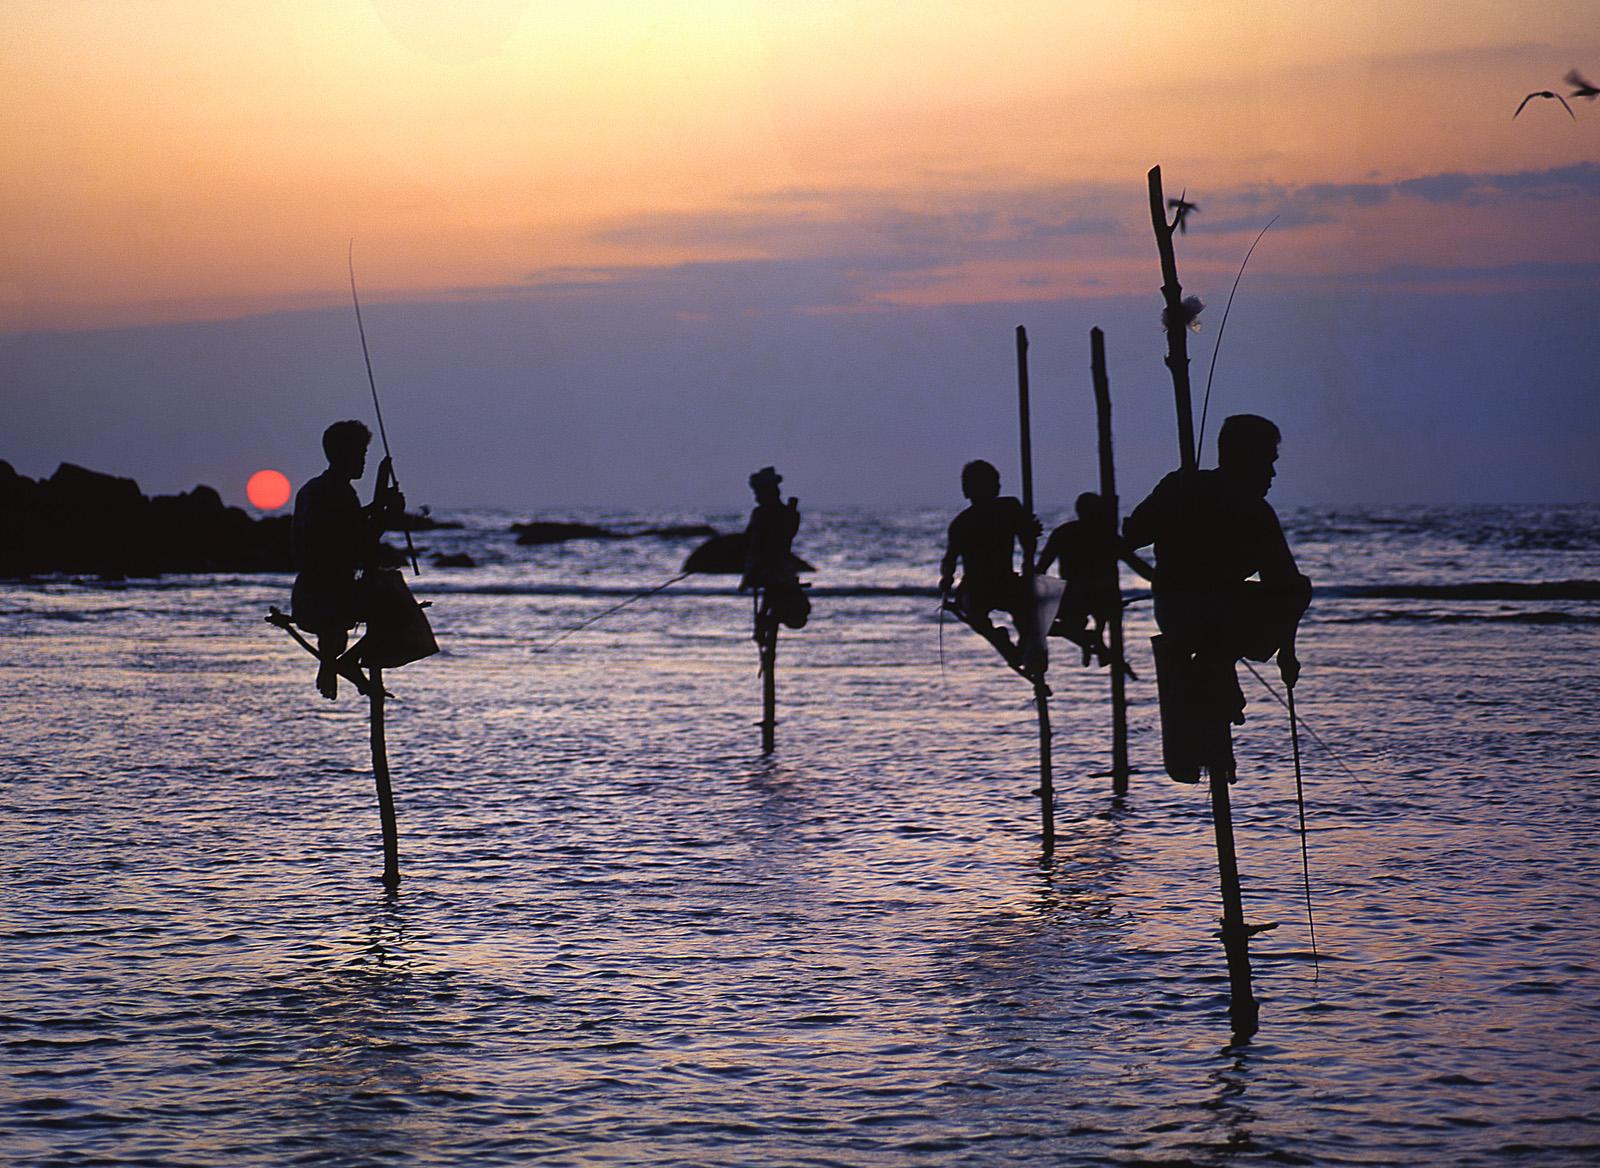 Ausflug zu Stelzen Fischer in Sri Lanka mit Lanka Princess